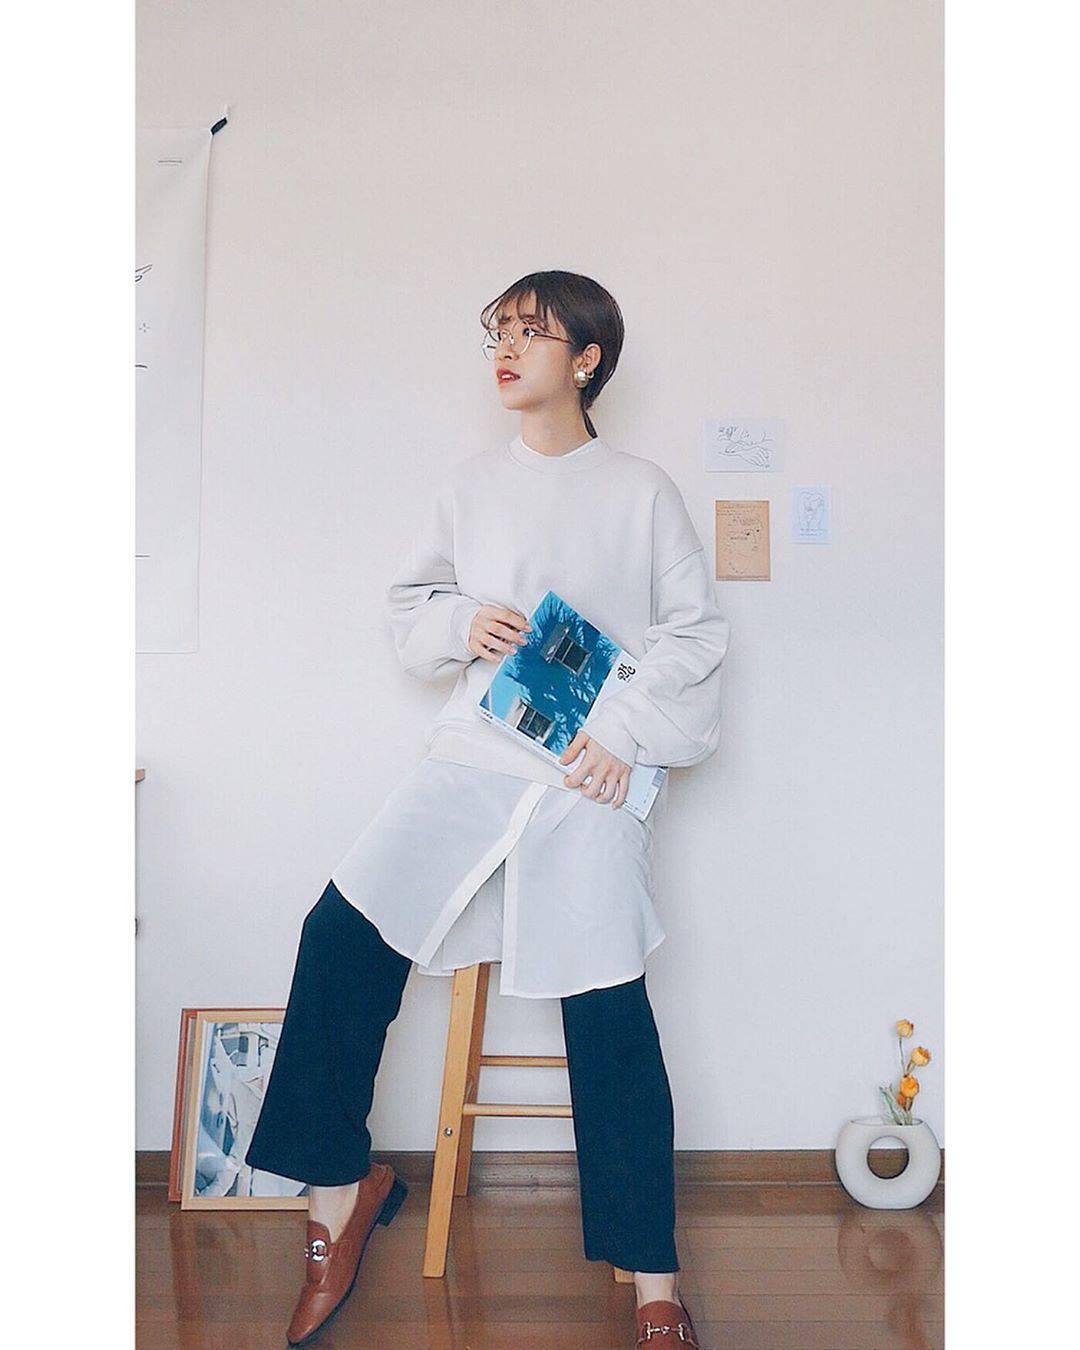 最高気温13度・最低気温5度 natsu_outfitsの服装